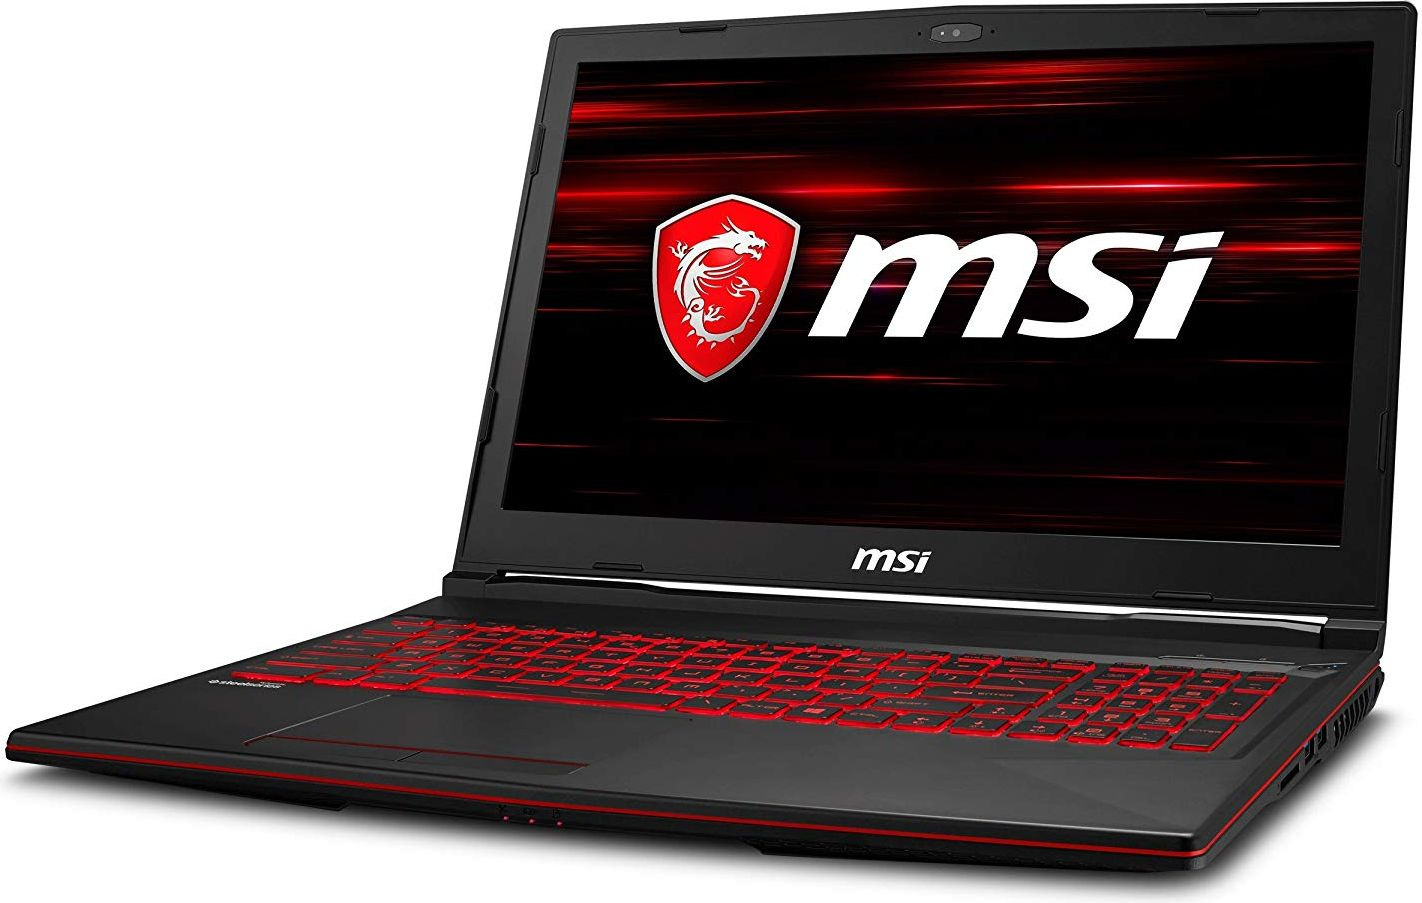 15.6 Игровой ноутбук MSI GL63 8SC 9S7-16P812-009, черный игровой ноутбук msi gl63 8sc 9s7 16p812 017 черный